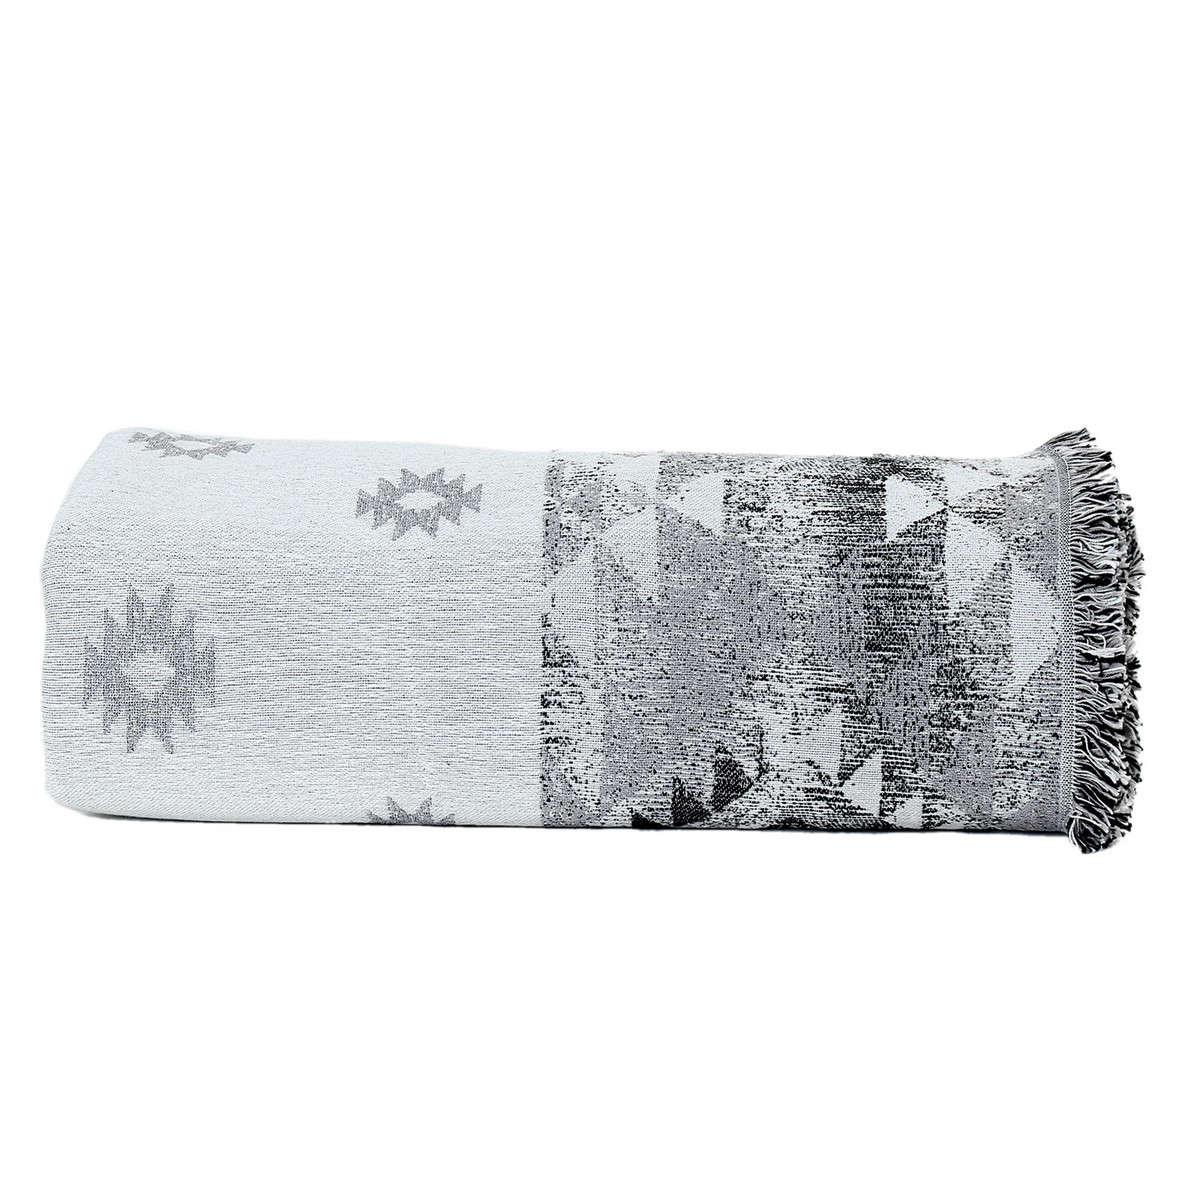 Ριχτάρι Tepic Ecru-Black Nef-Nef Τριθέσιο 170x300cm